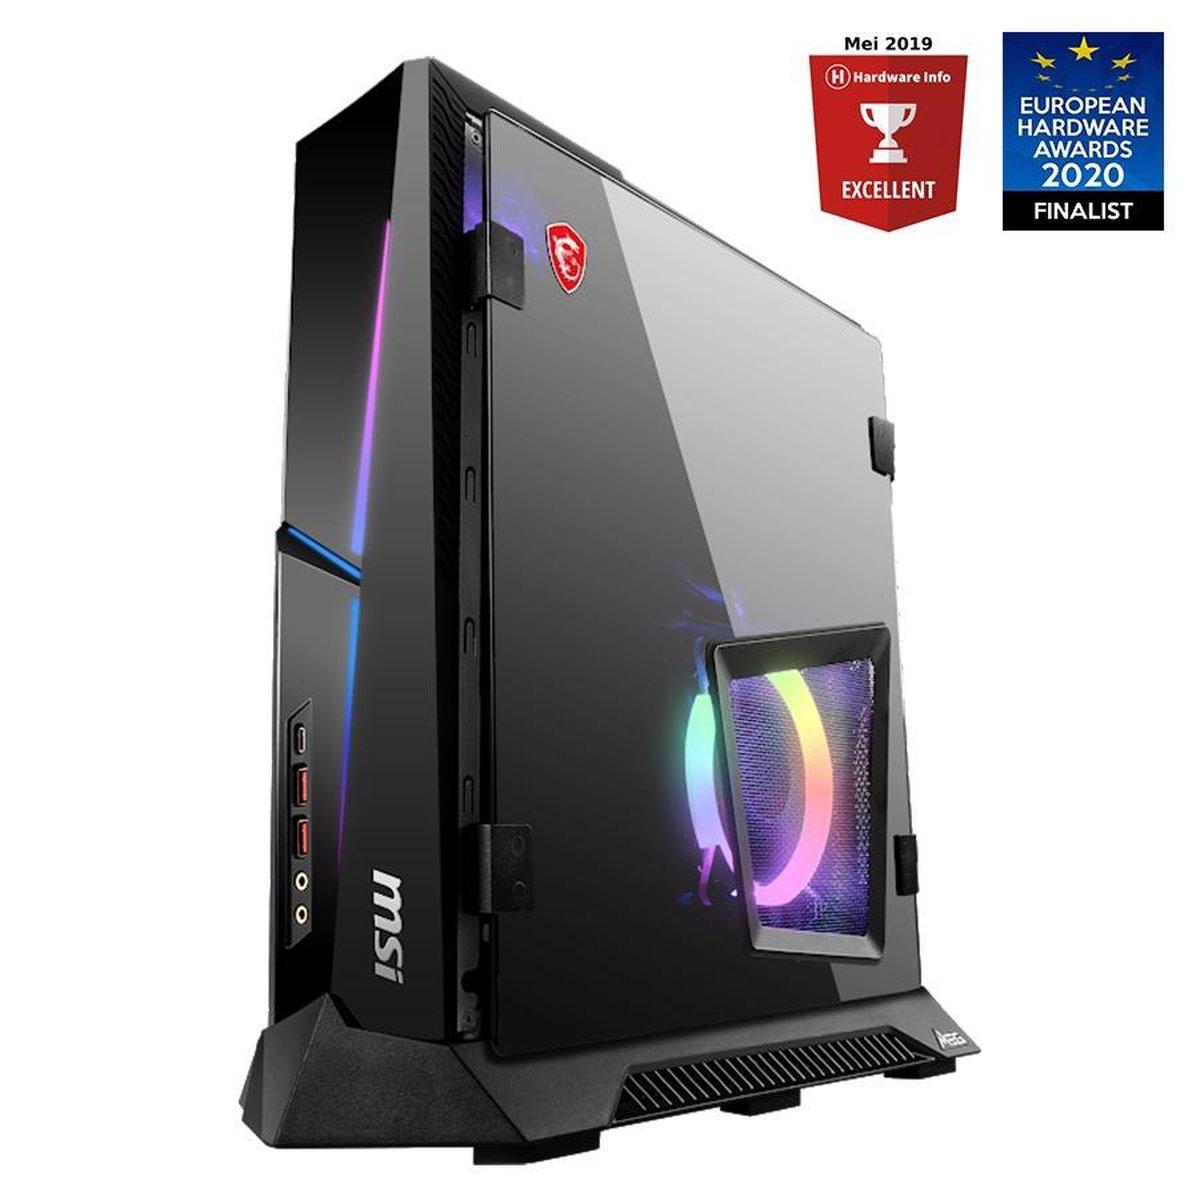 MSI MEG Trident X 10SD-867MYS – Intel Core i7 (10th gen) – 16 GB – 1000 GB SSD – NVIDIA GeForce RTX 2070 Super – Gaming PC